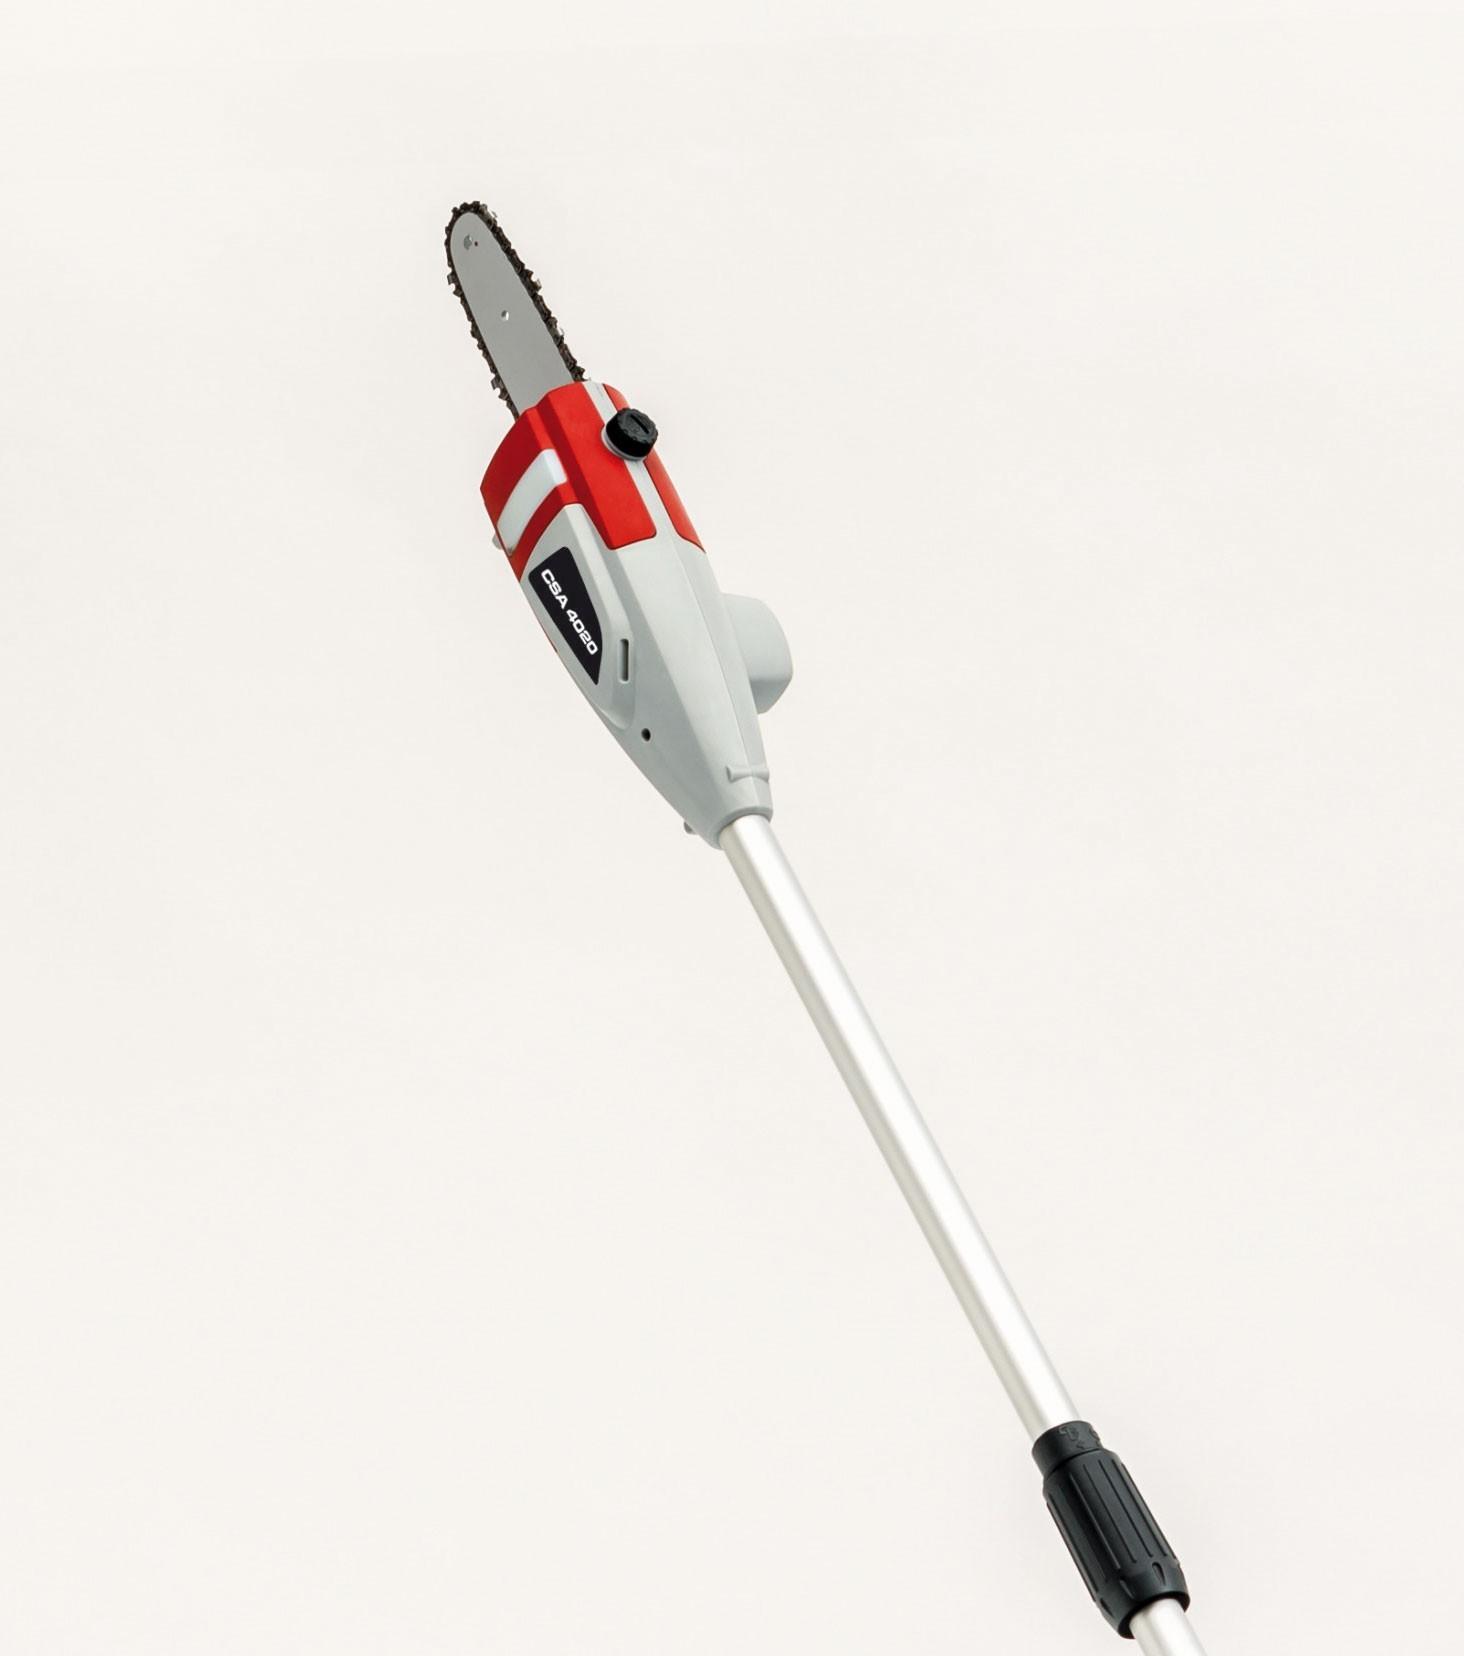 AL-KO Akku Hochentaster-Aufsatz CSA 4020 für EnergyFlex Multitool MT40 Bild 1